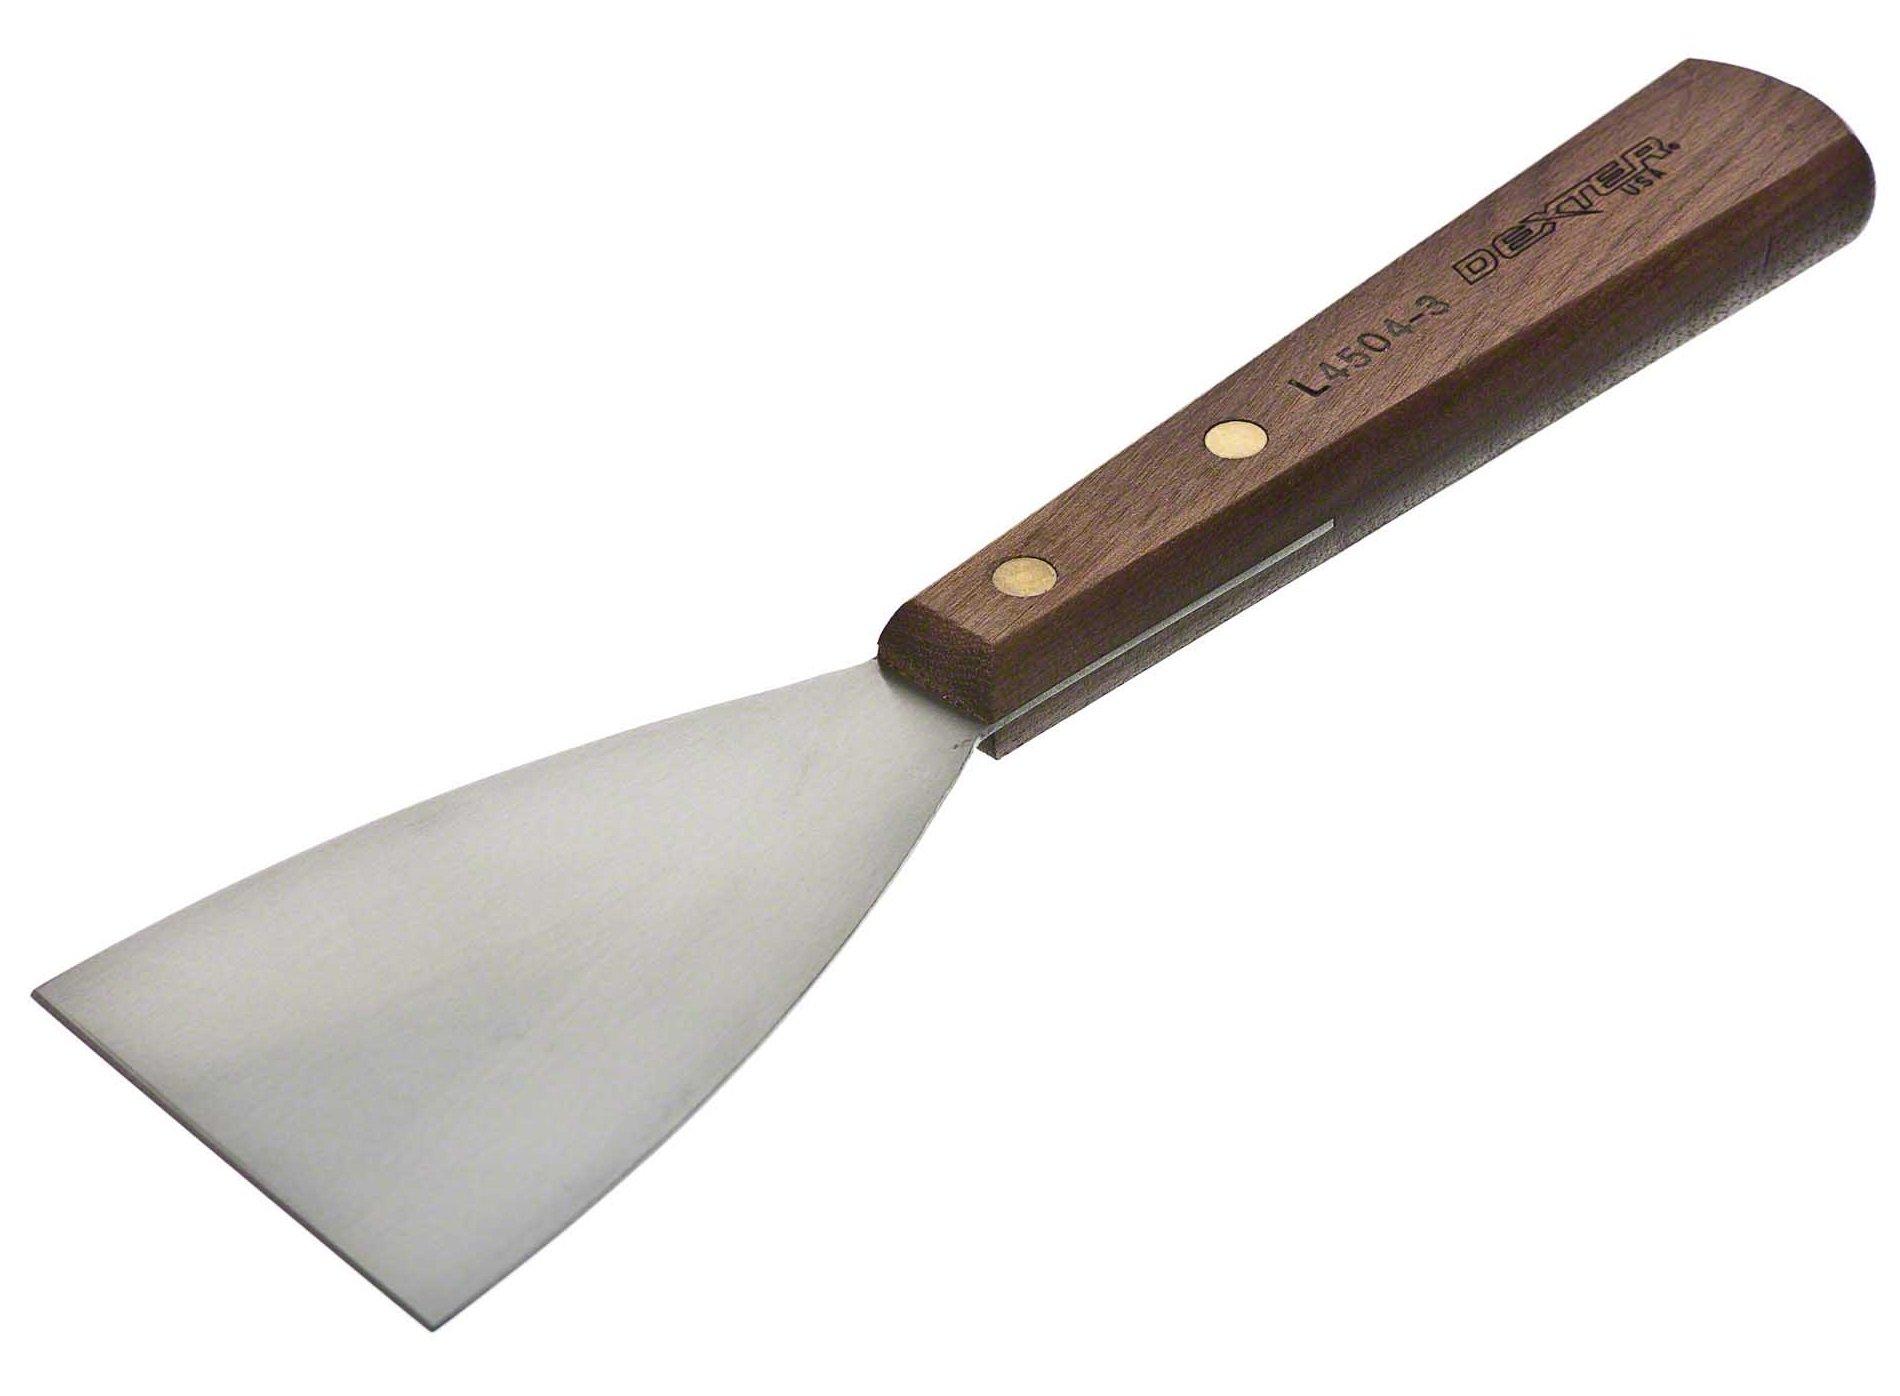 Dexter-Russell (L4504) - 3'' Dexter-Russell Griddle Scraper